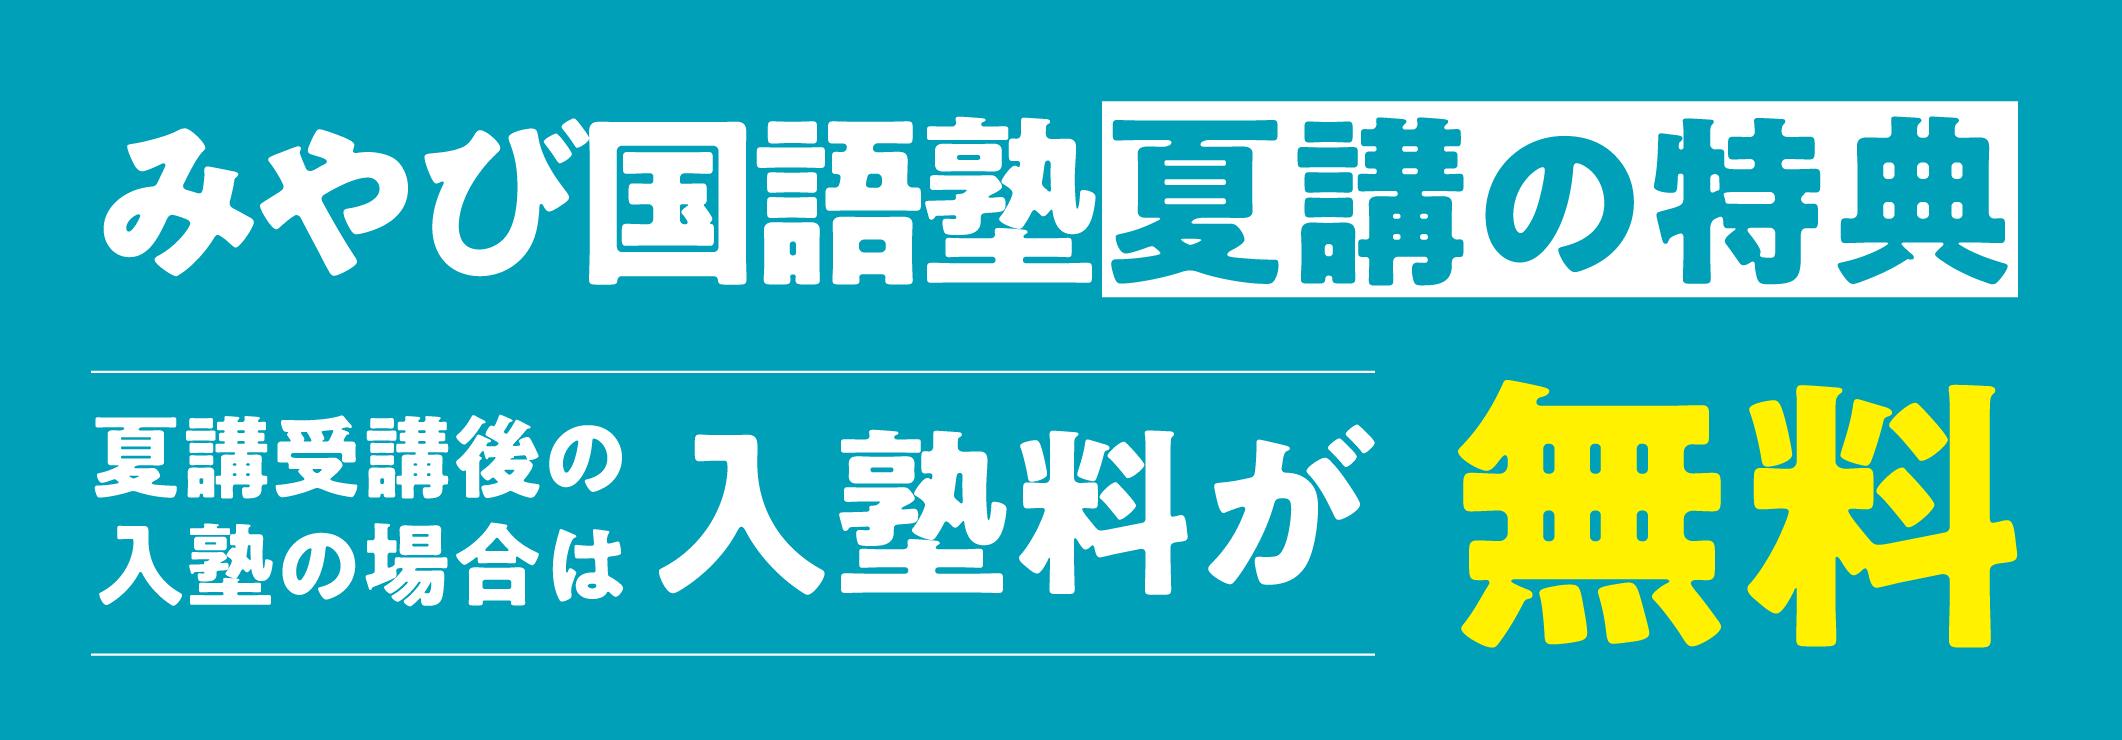 みやび国語塾2021年夏期講座のご案内です。